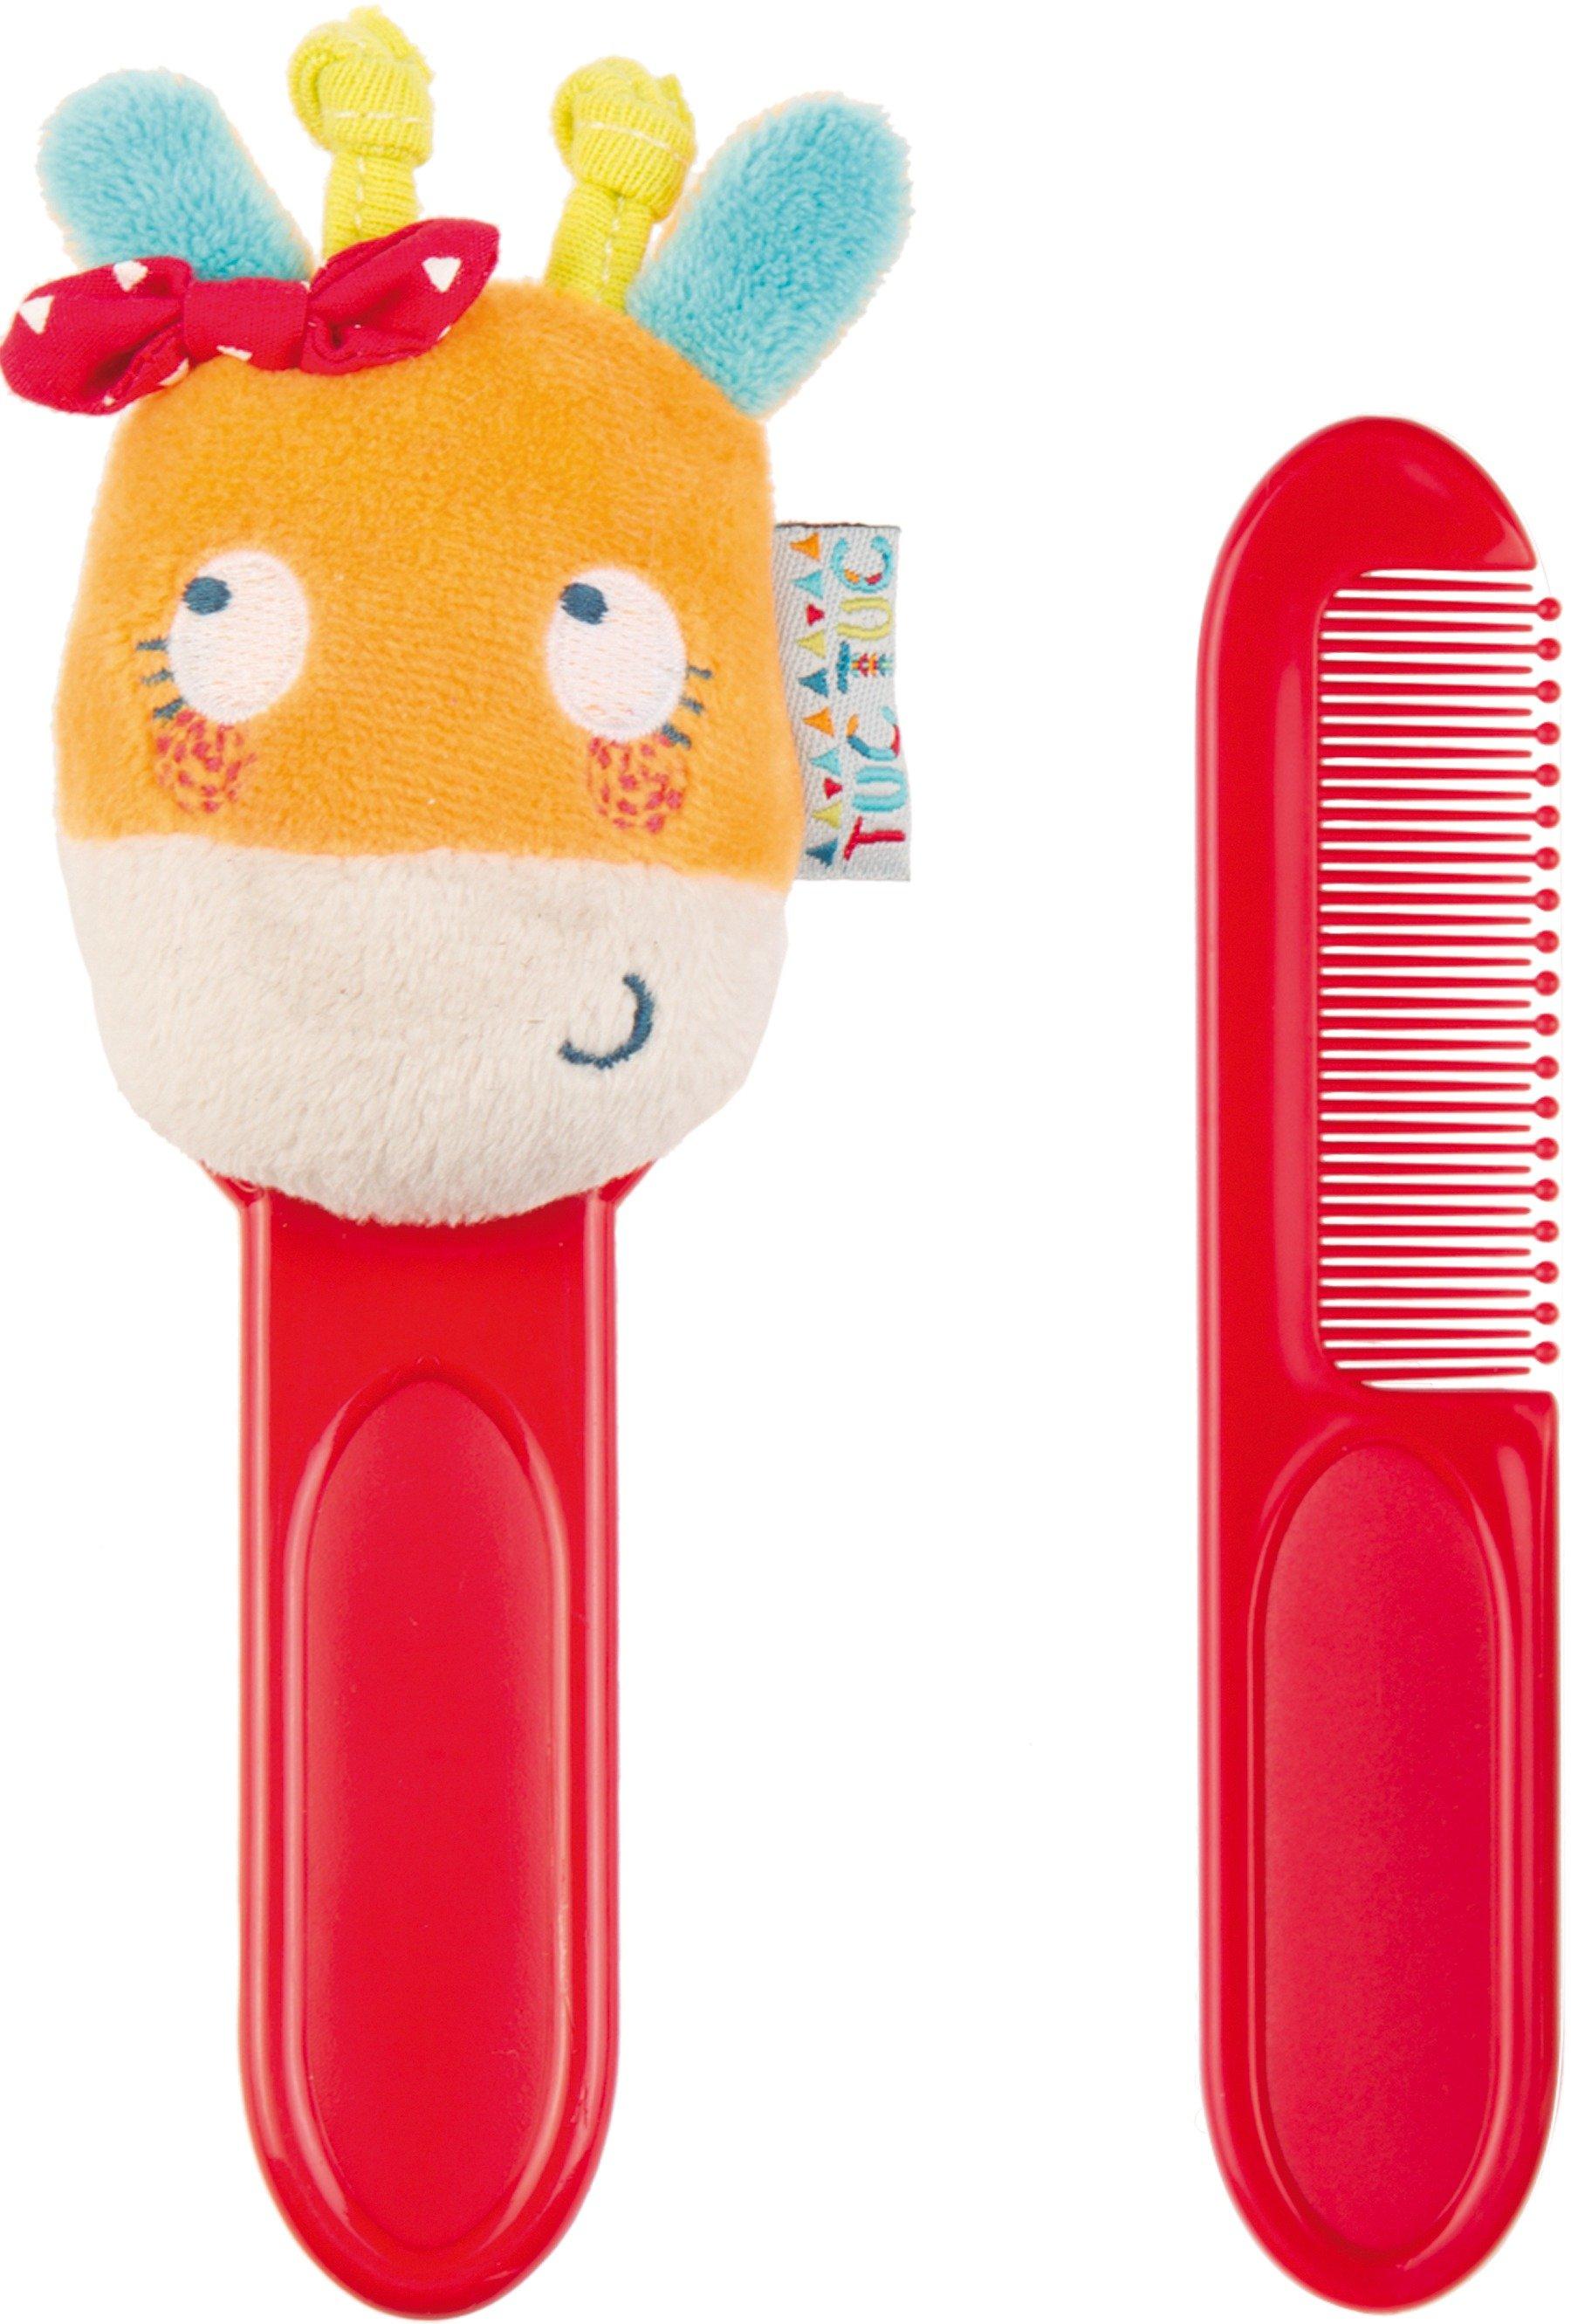 Set spazzole per neonati rosso con pupazzetto arancione